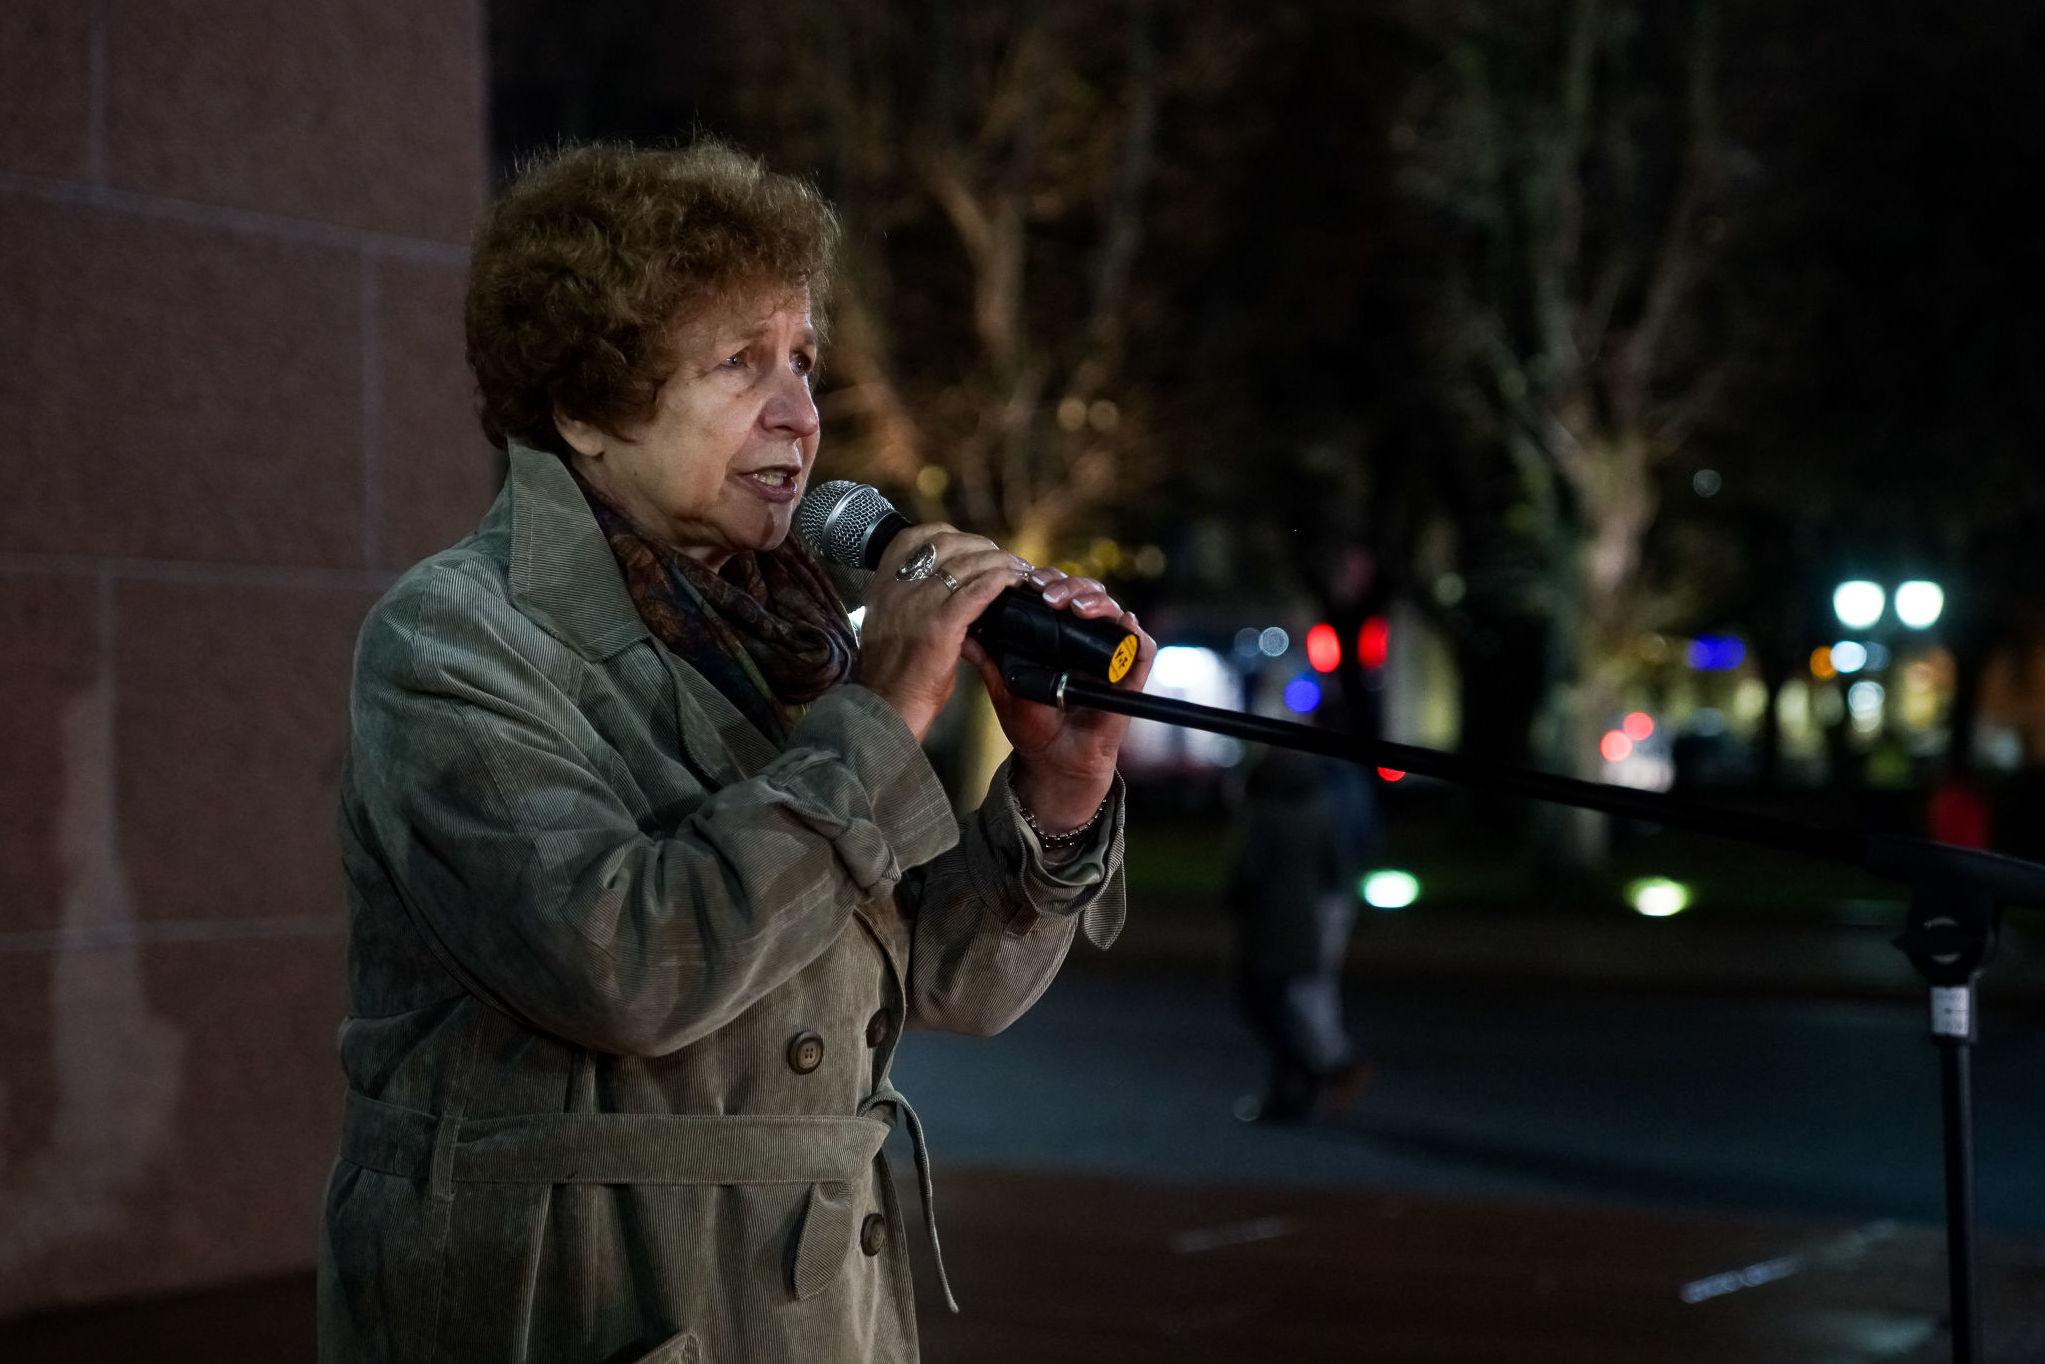 Татьяна Жданок на мероприятии, посвященном годовщине Хрустальной ночи, Рига, 9 ноября 2019